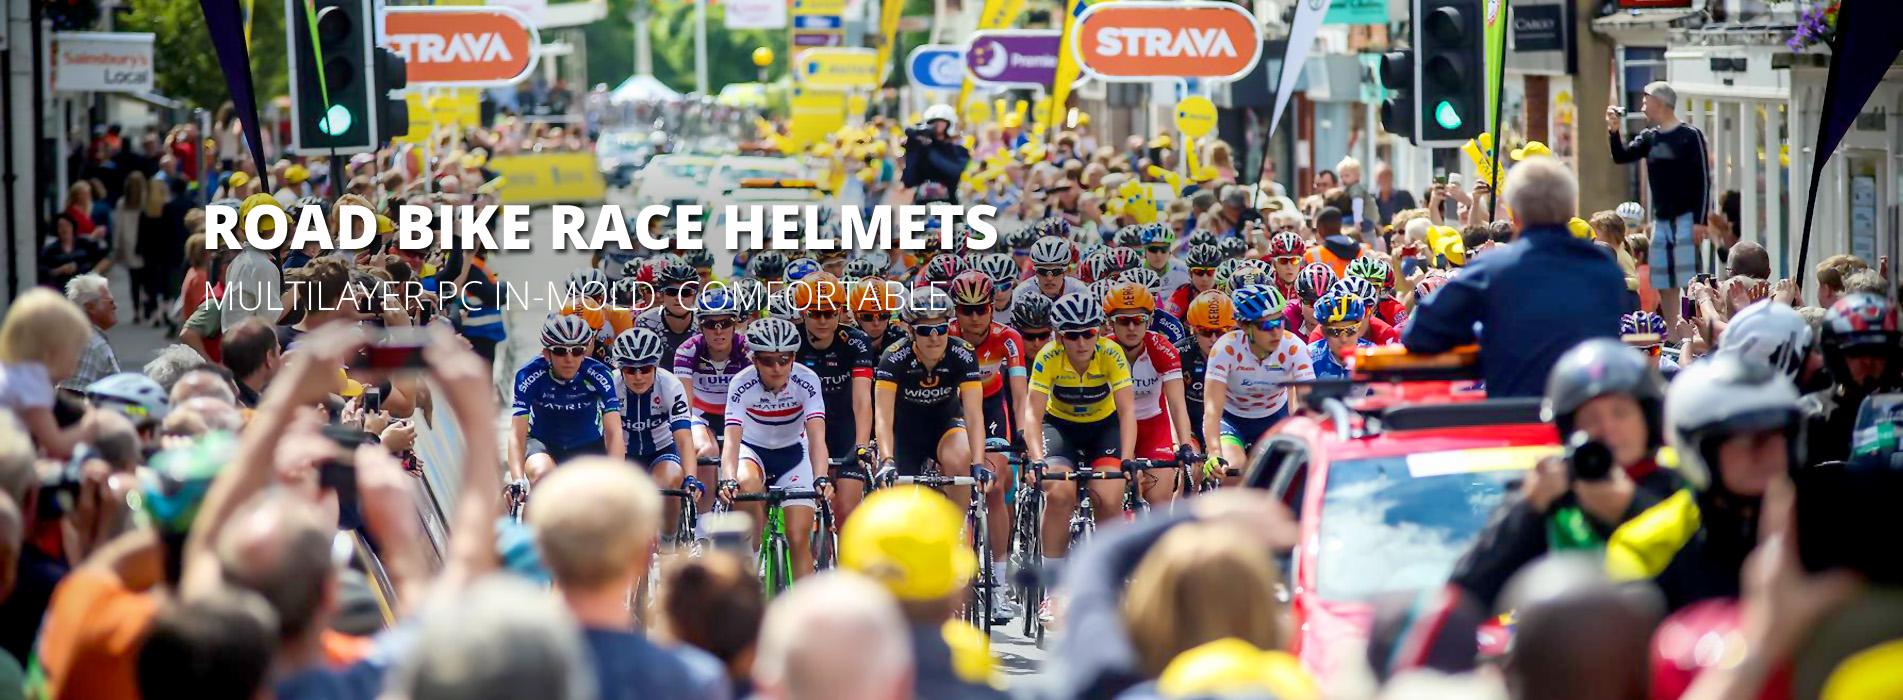 racing bicycle helmet AU-BM03 banner